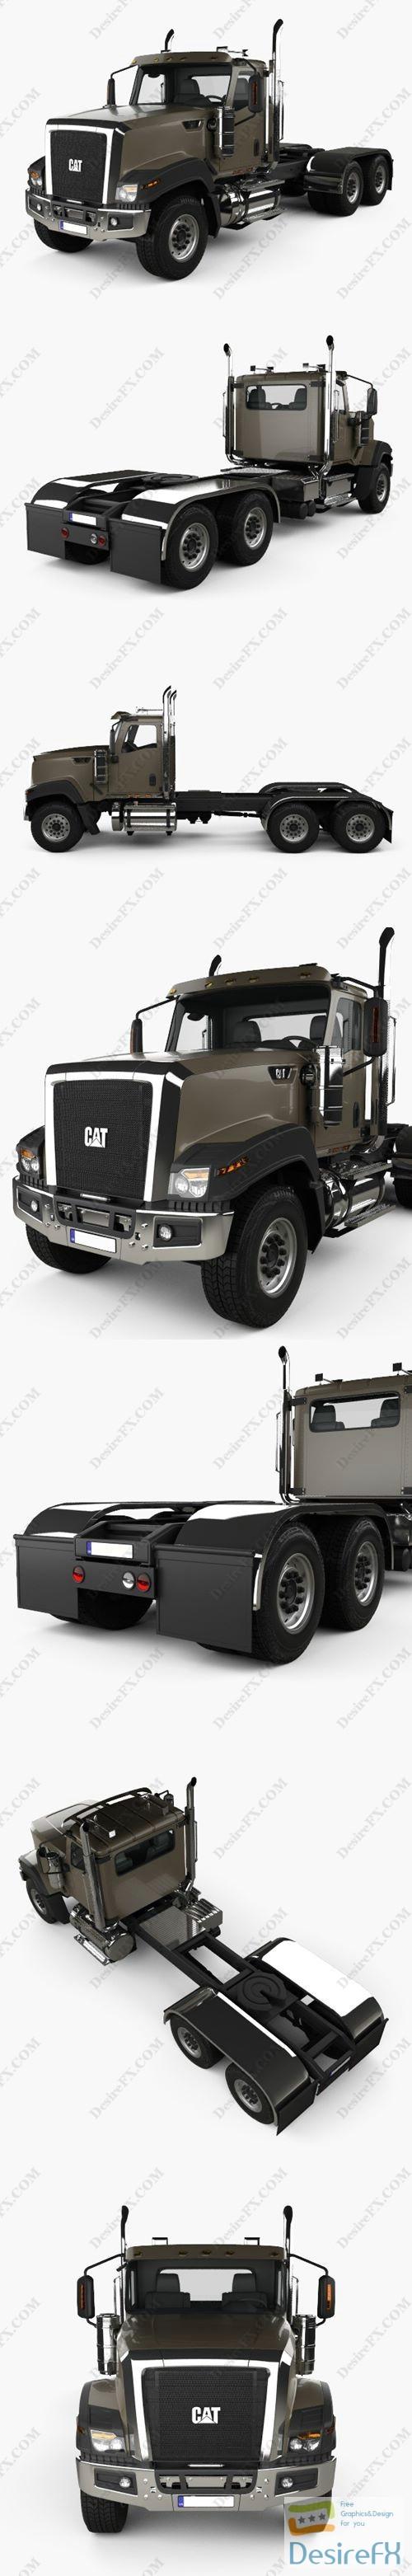 3d-models - Caterpillar CT 680 Tractor Truck 2015 3D Model